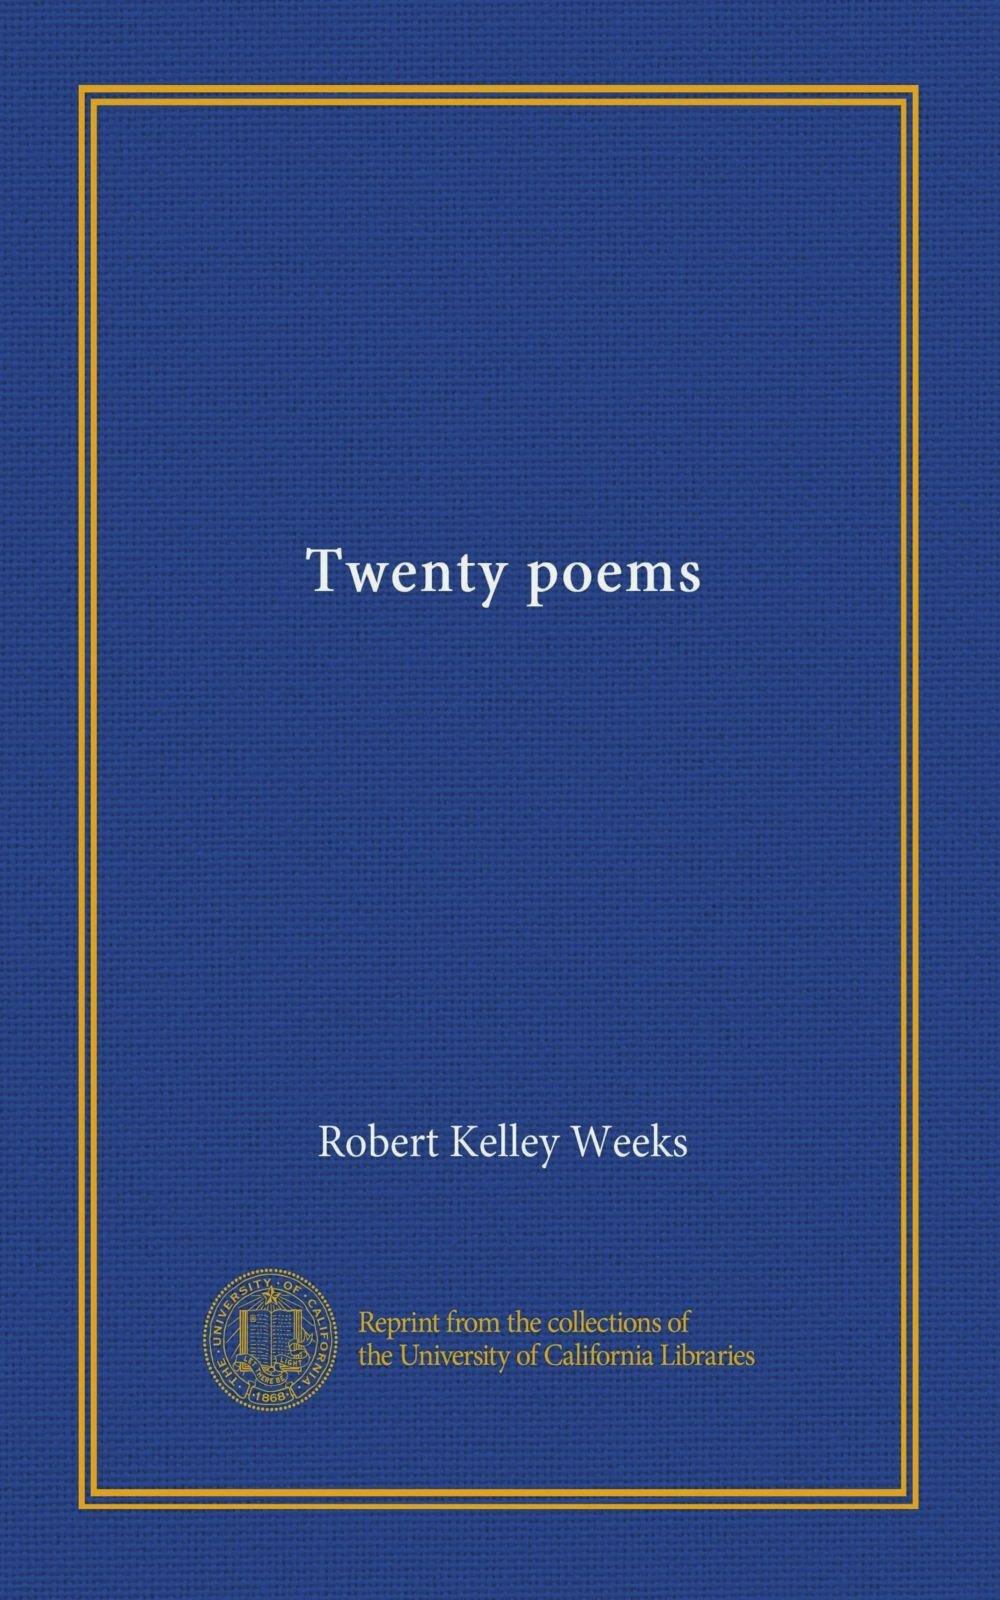 Twenty poems PDF